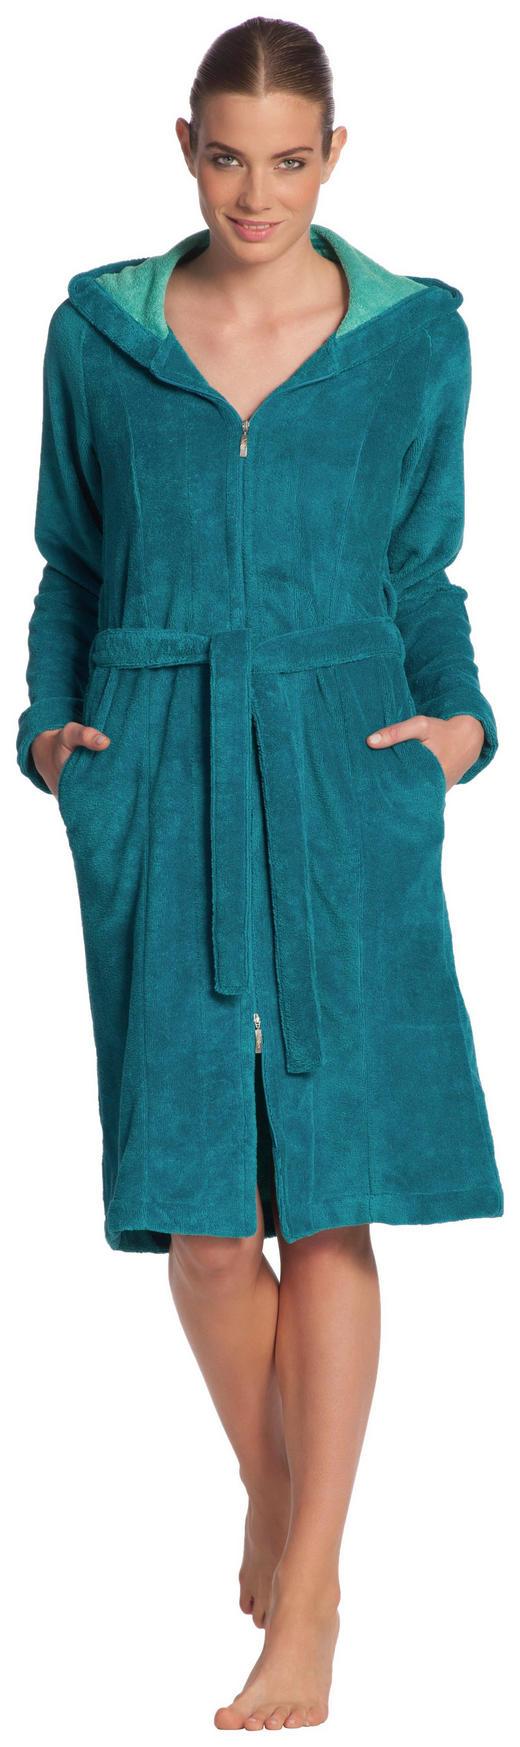 BADEMANTEL XL - Türkis, Basics, Textil (XL null) - Vossen